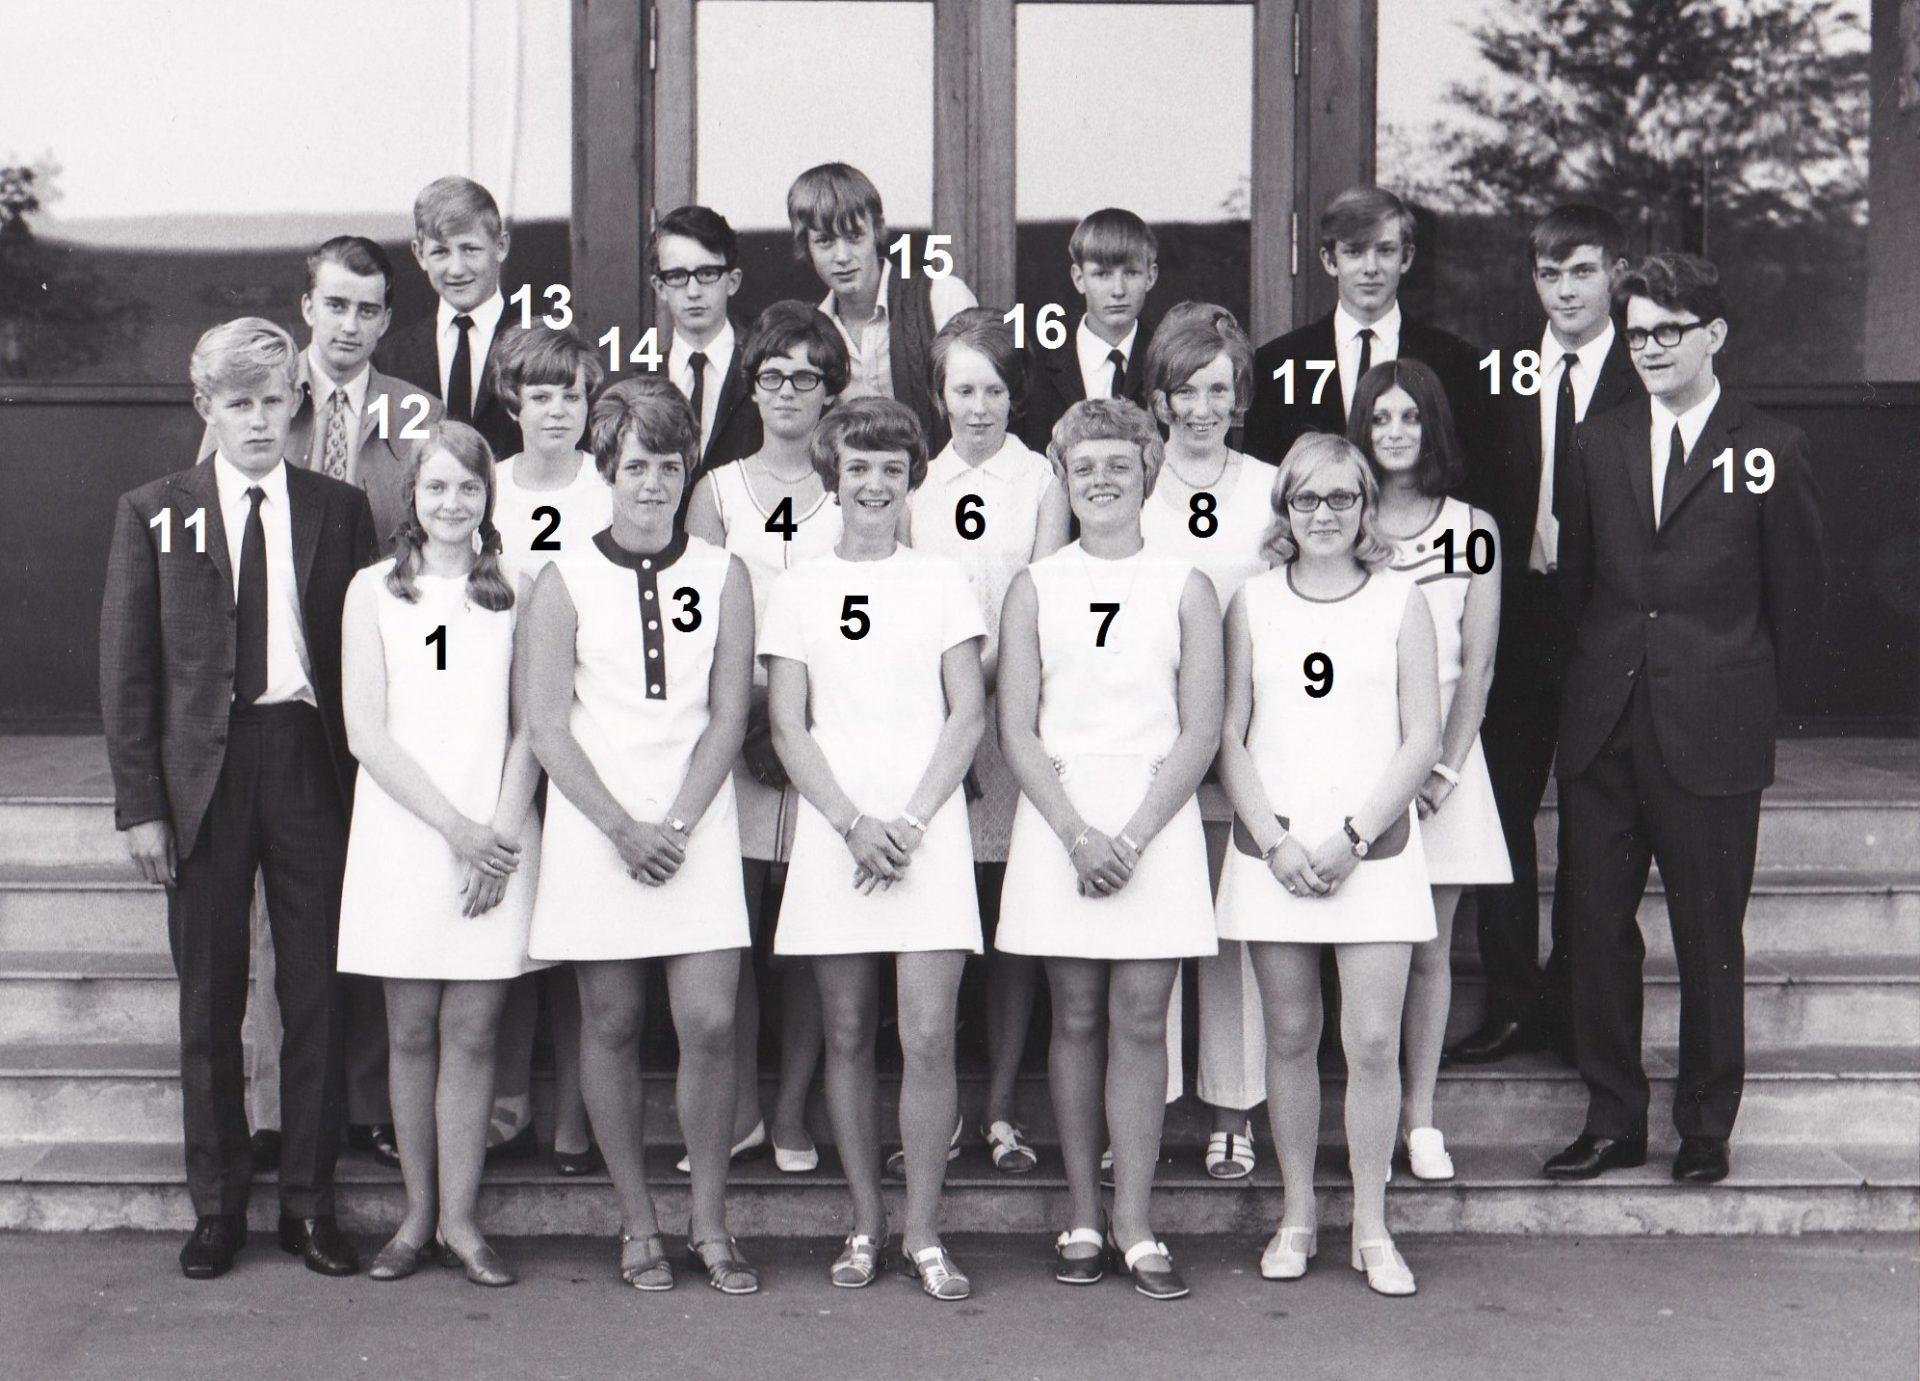 Vildbjerg Skoles 10. klasse, 1970.